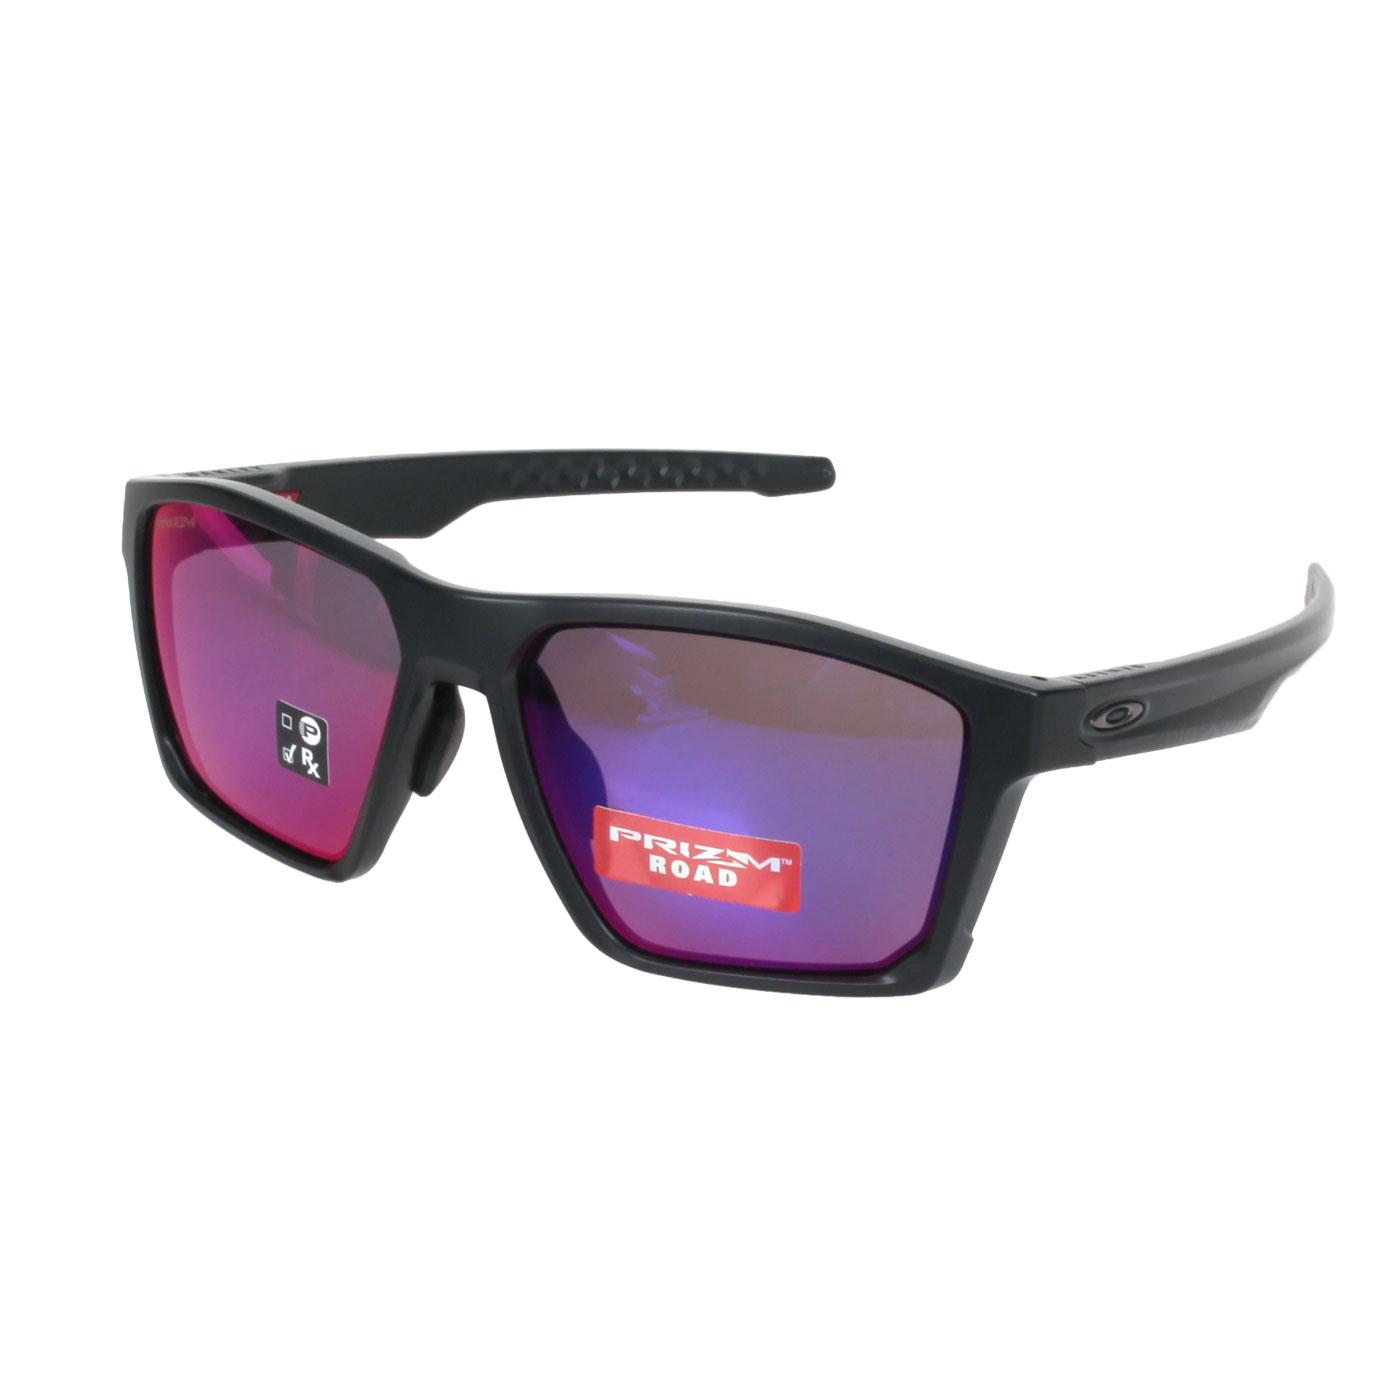 OAKLEY 一般太陽眼鏡 (附硬盒) OAK-OO9398-0958